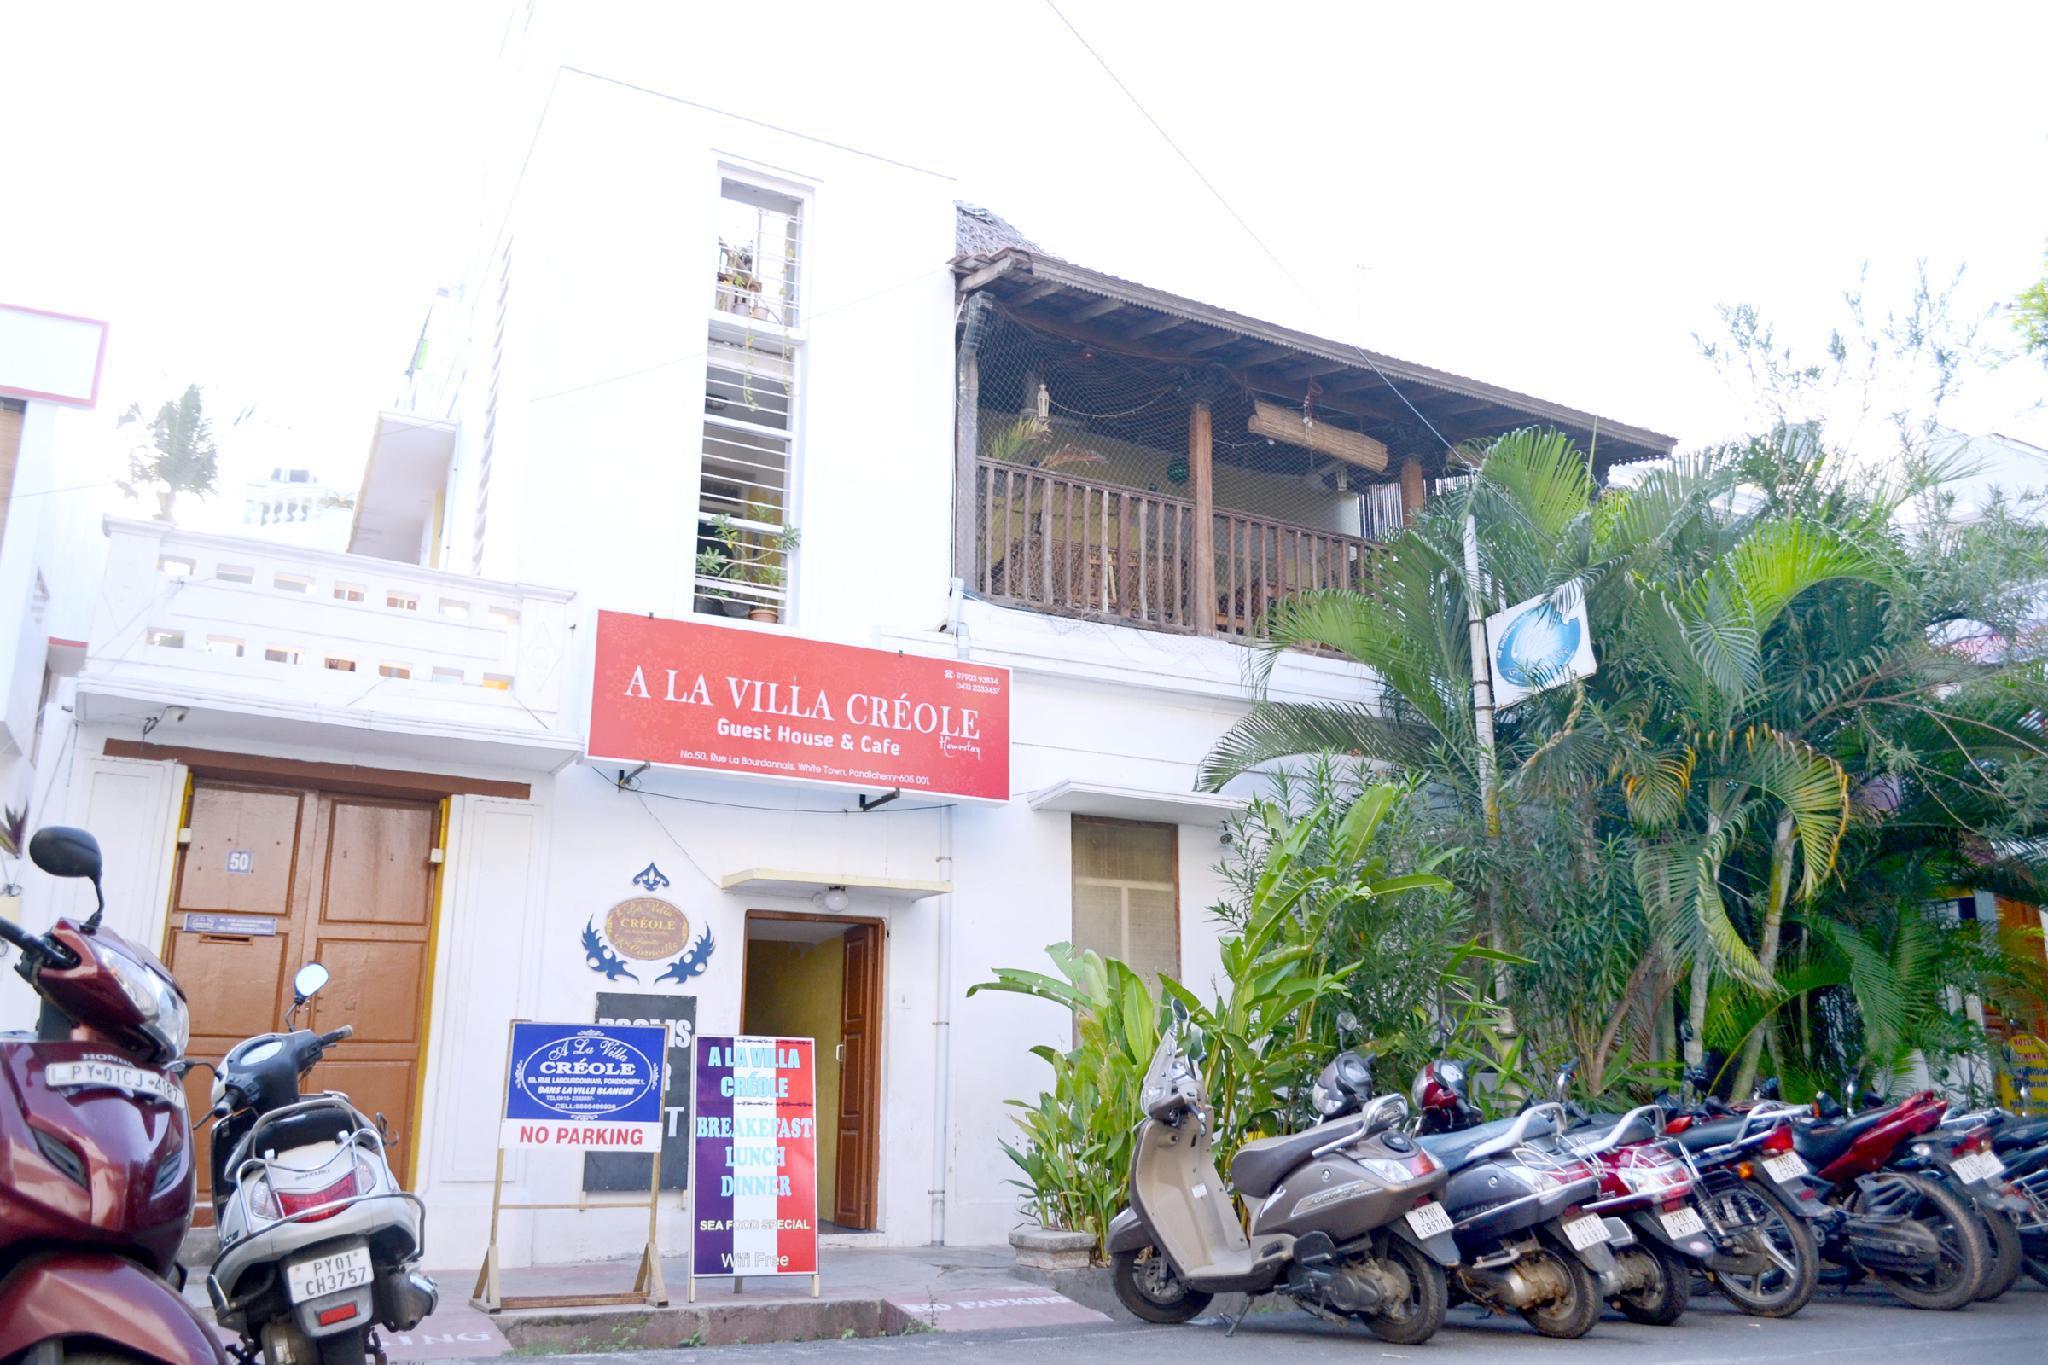 A La Villa Creole